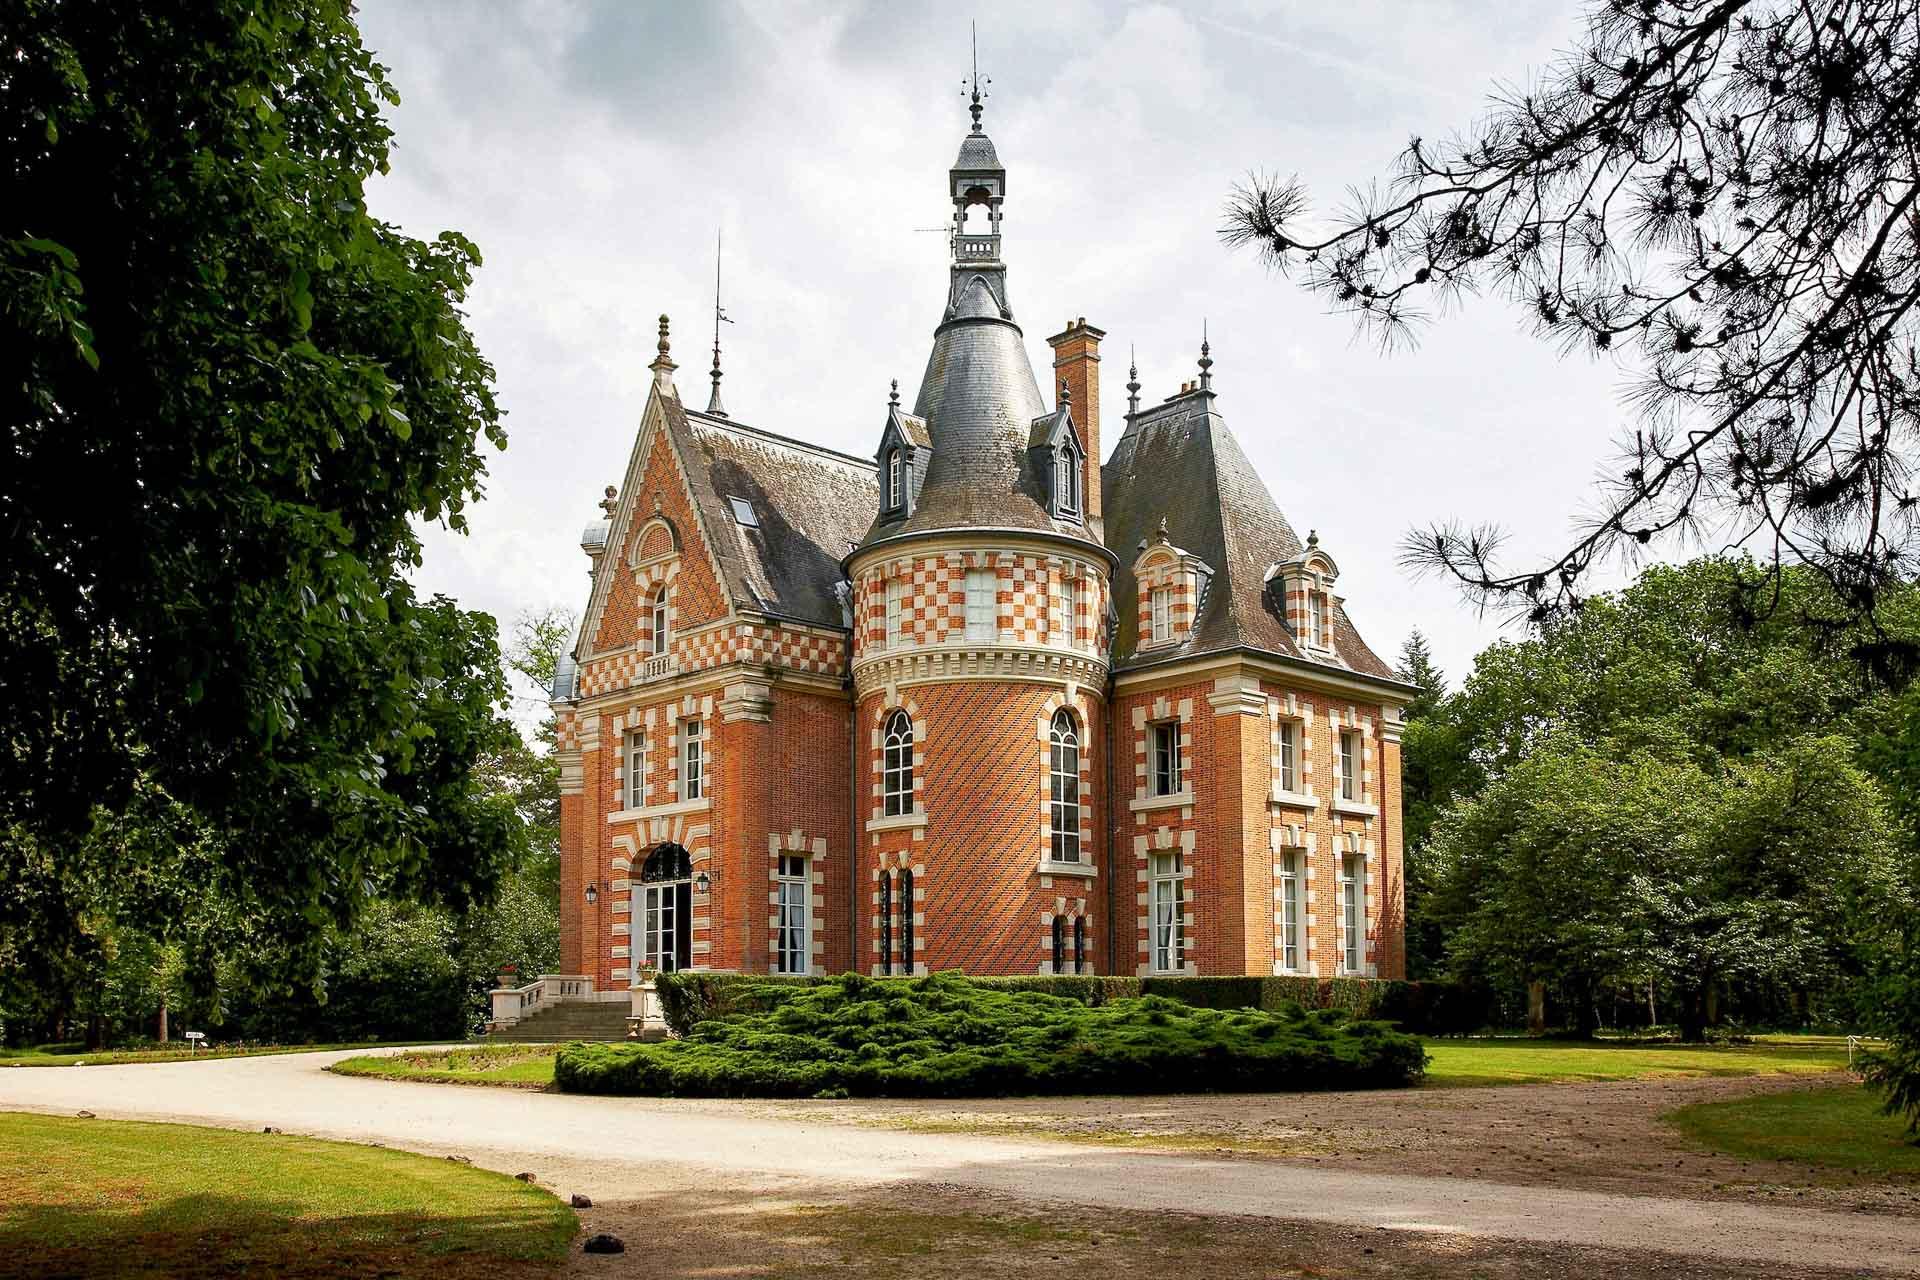 Après le Costa Rica ou l'Islande, l'enseigne Six Senses Hotels Resorts Spas, spécialiste de l'ultra luxe durable et du bien-être, a annoncé l'ouverture d'un hôtel de luxe dans la Vallée de la Loire, en lisière de la Sologne, au cœur d'un domaine de 560 hectares.